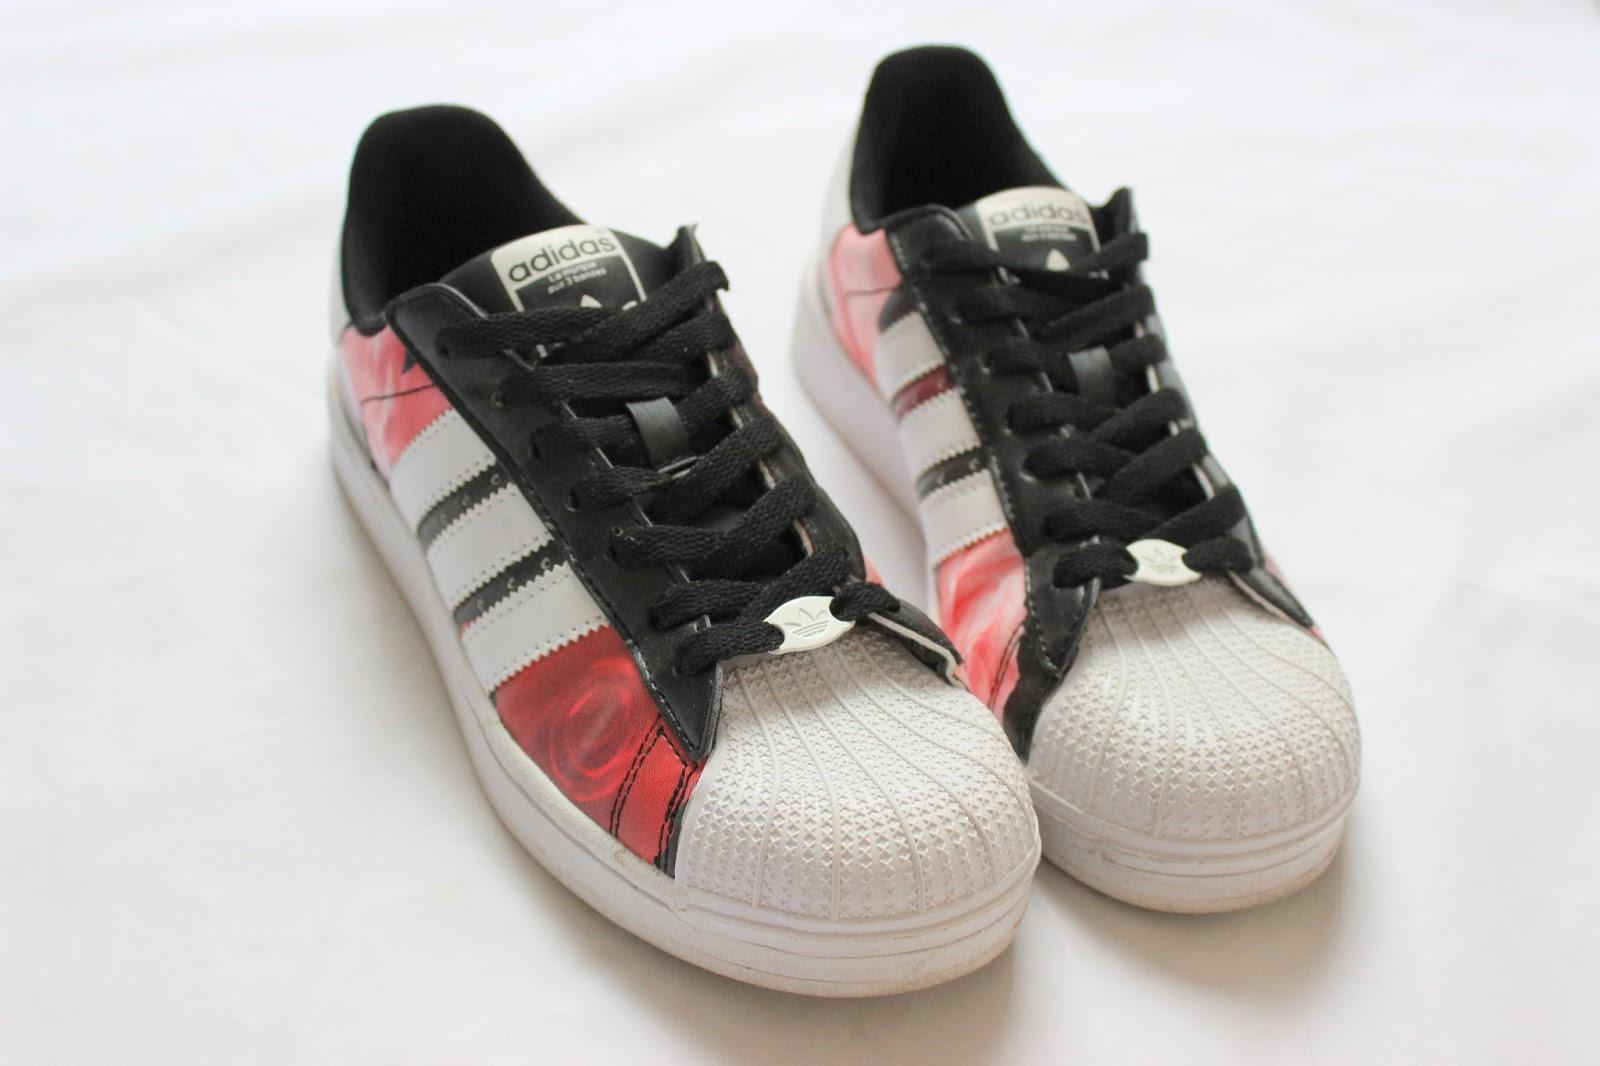 Vandaag Adidas De Mijn Versie Superstars Je In Ik Laat Rose Nieuwe Zien AZxAX